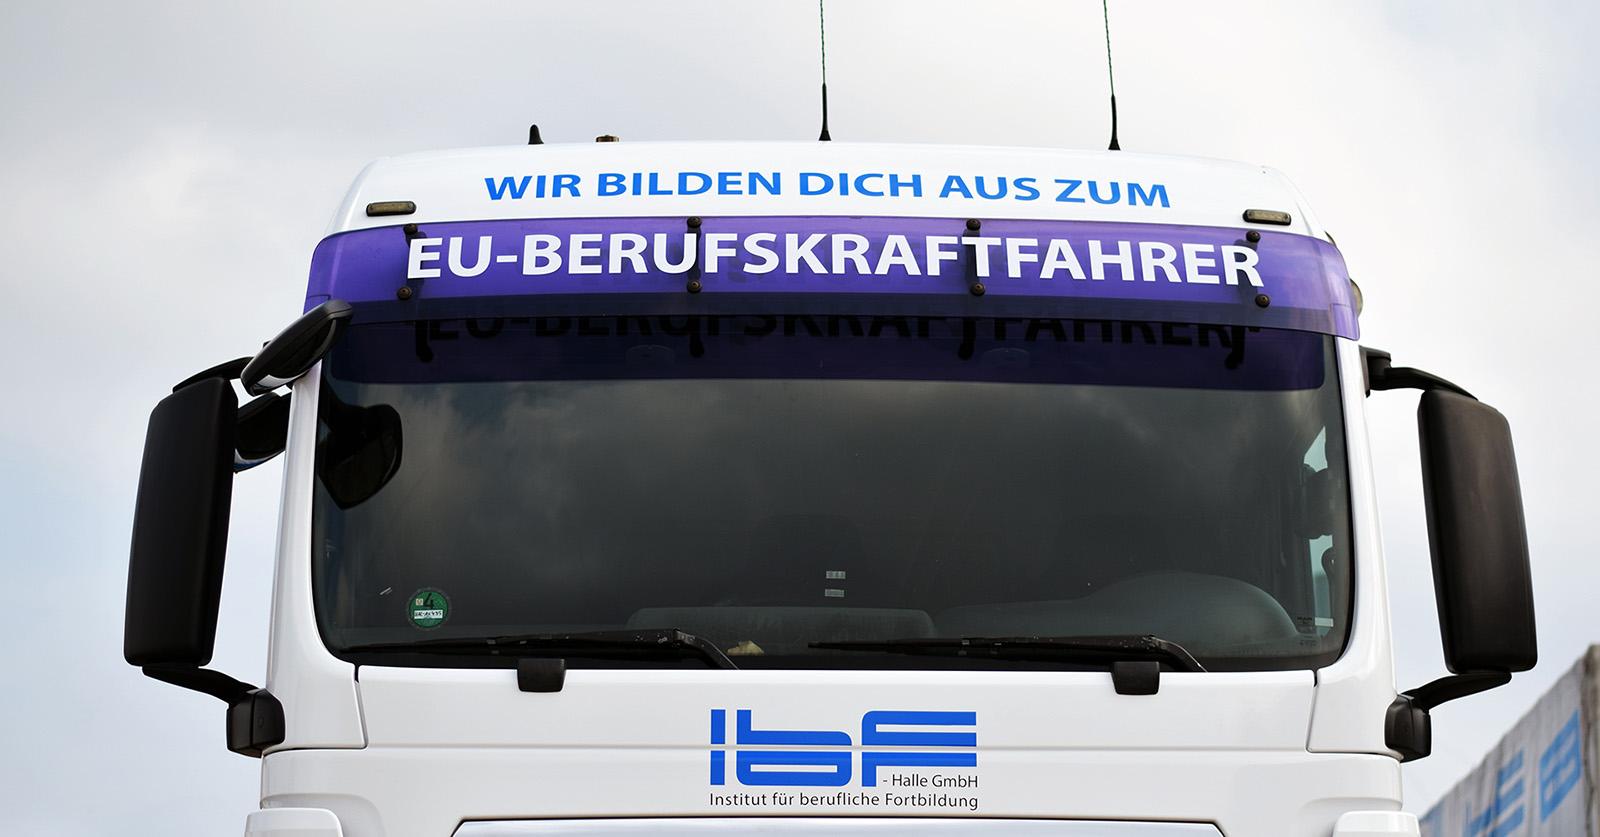 IbF-Halle GmbH - Institut für berufliche Fortbildung